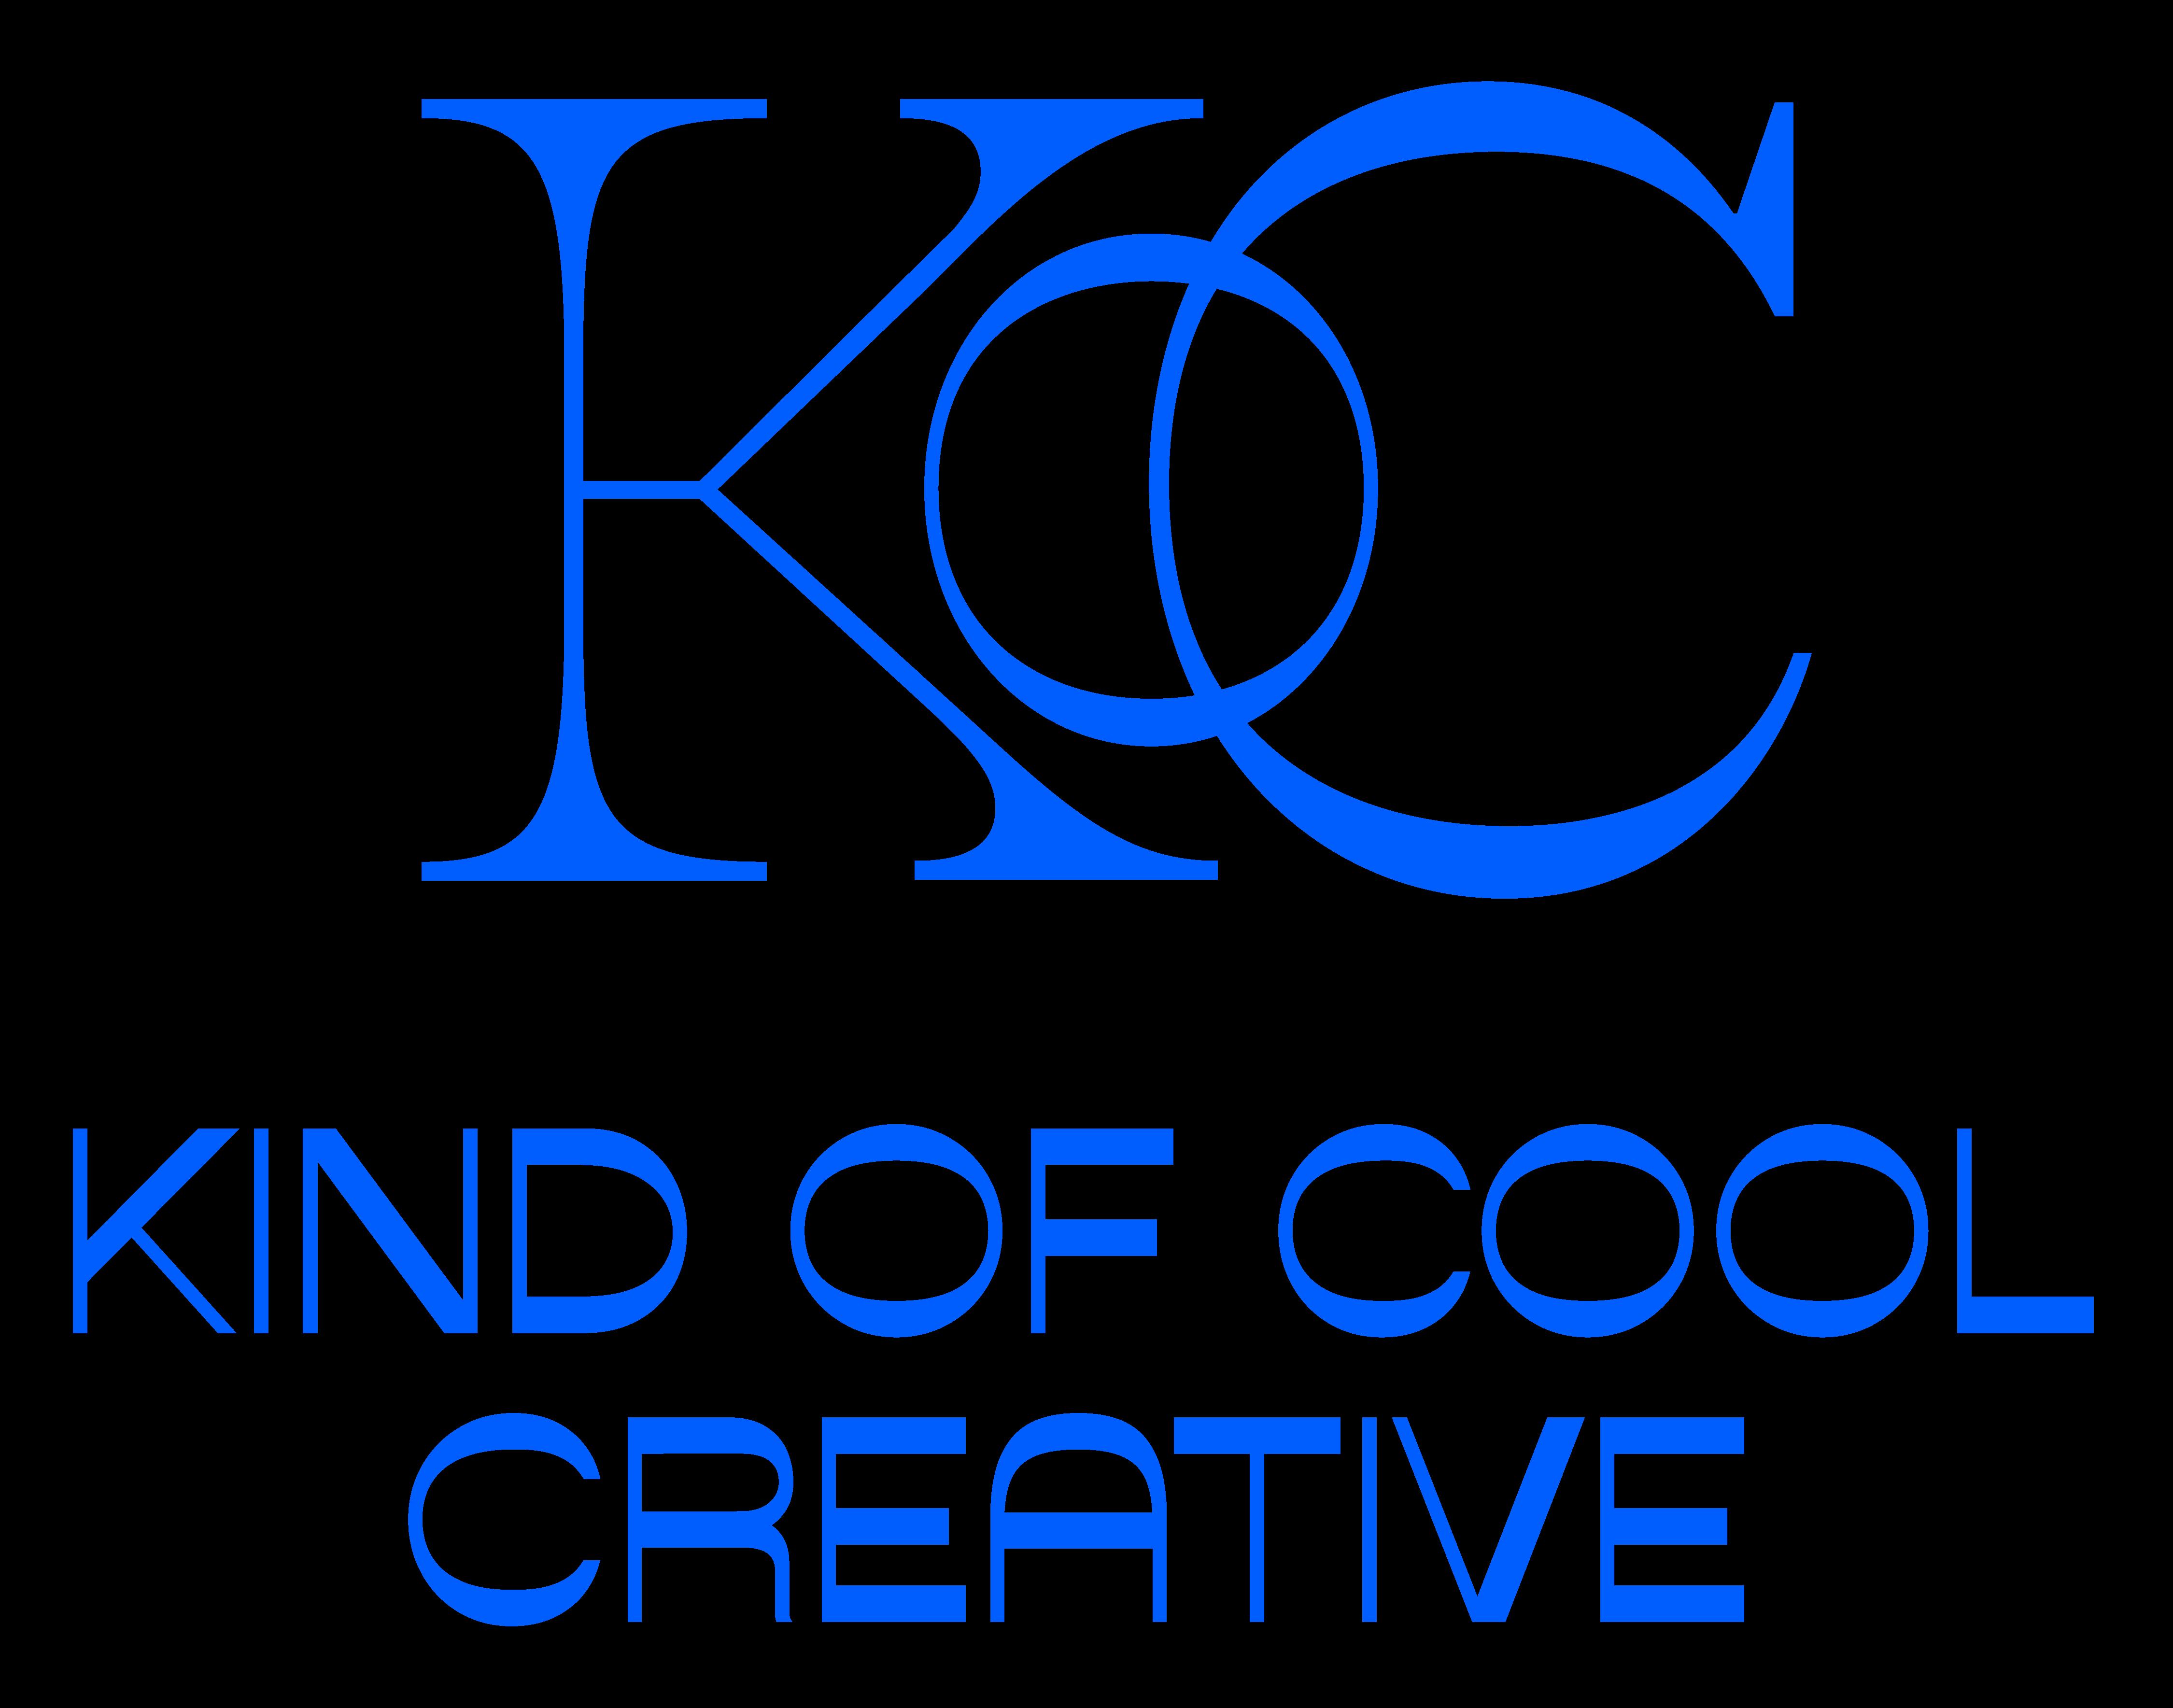 KindofCool_elements-05-1